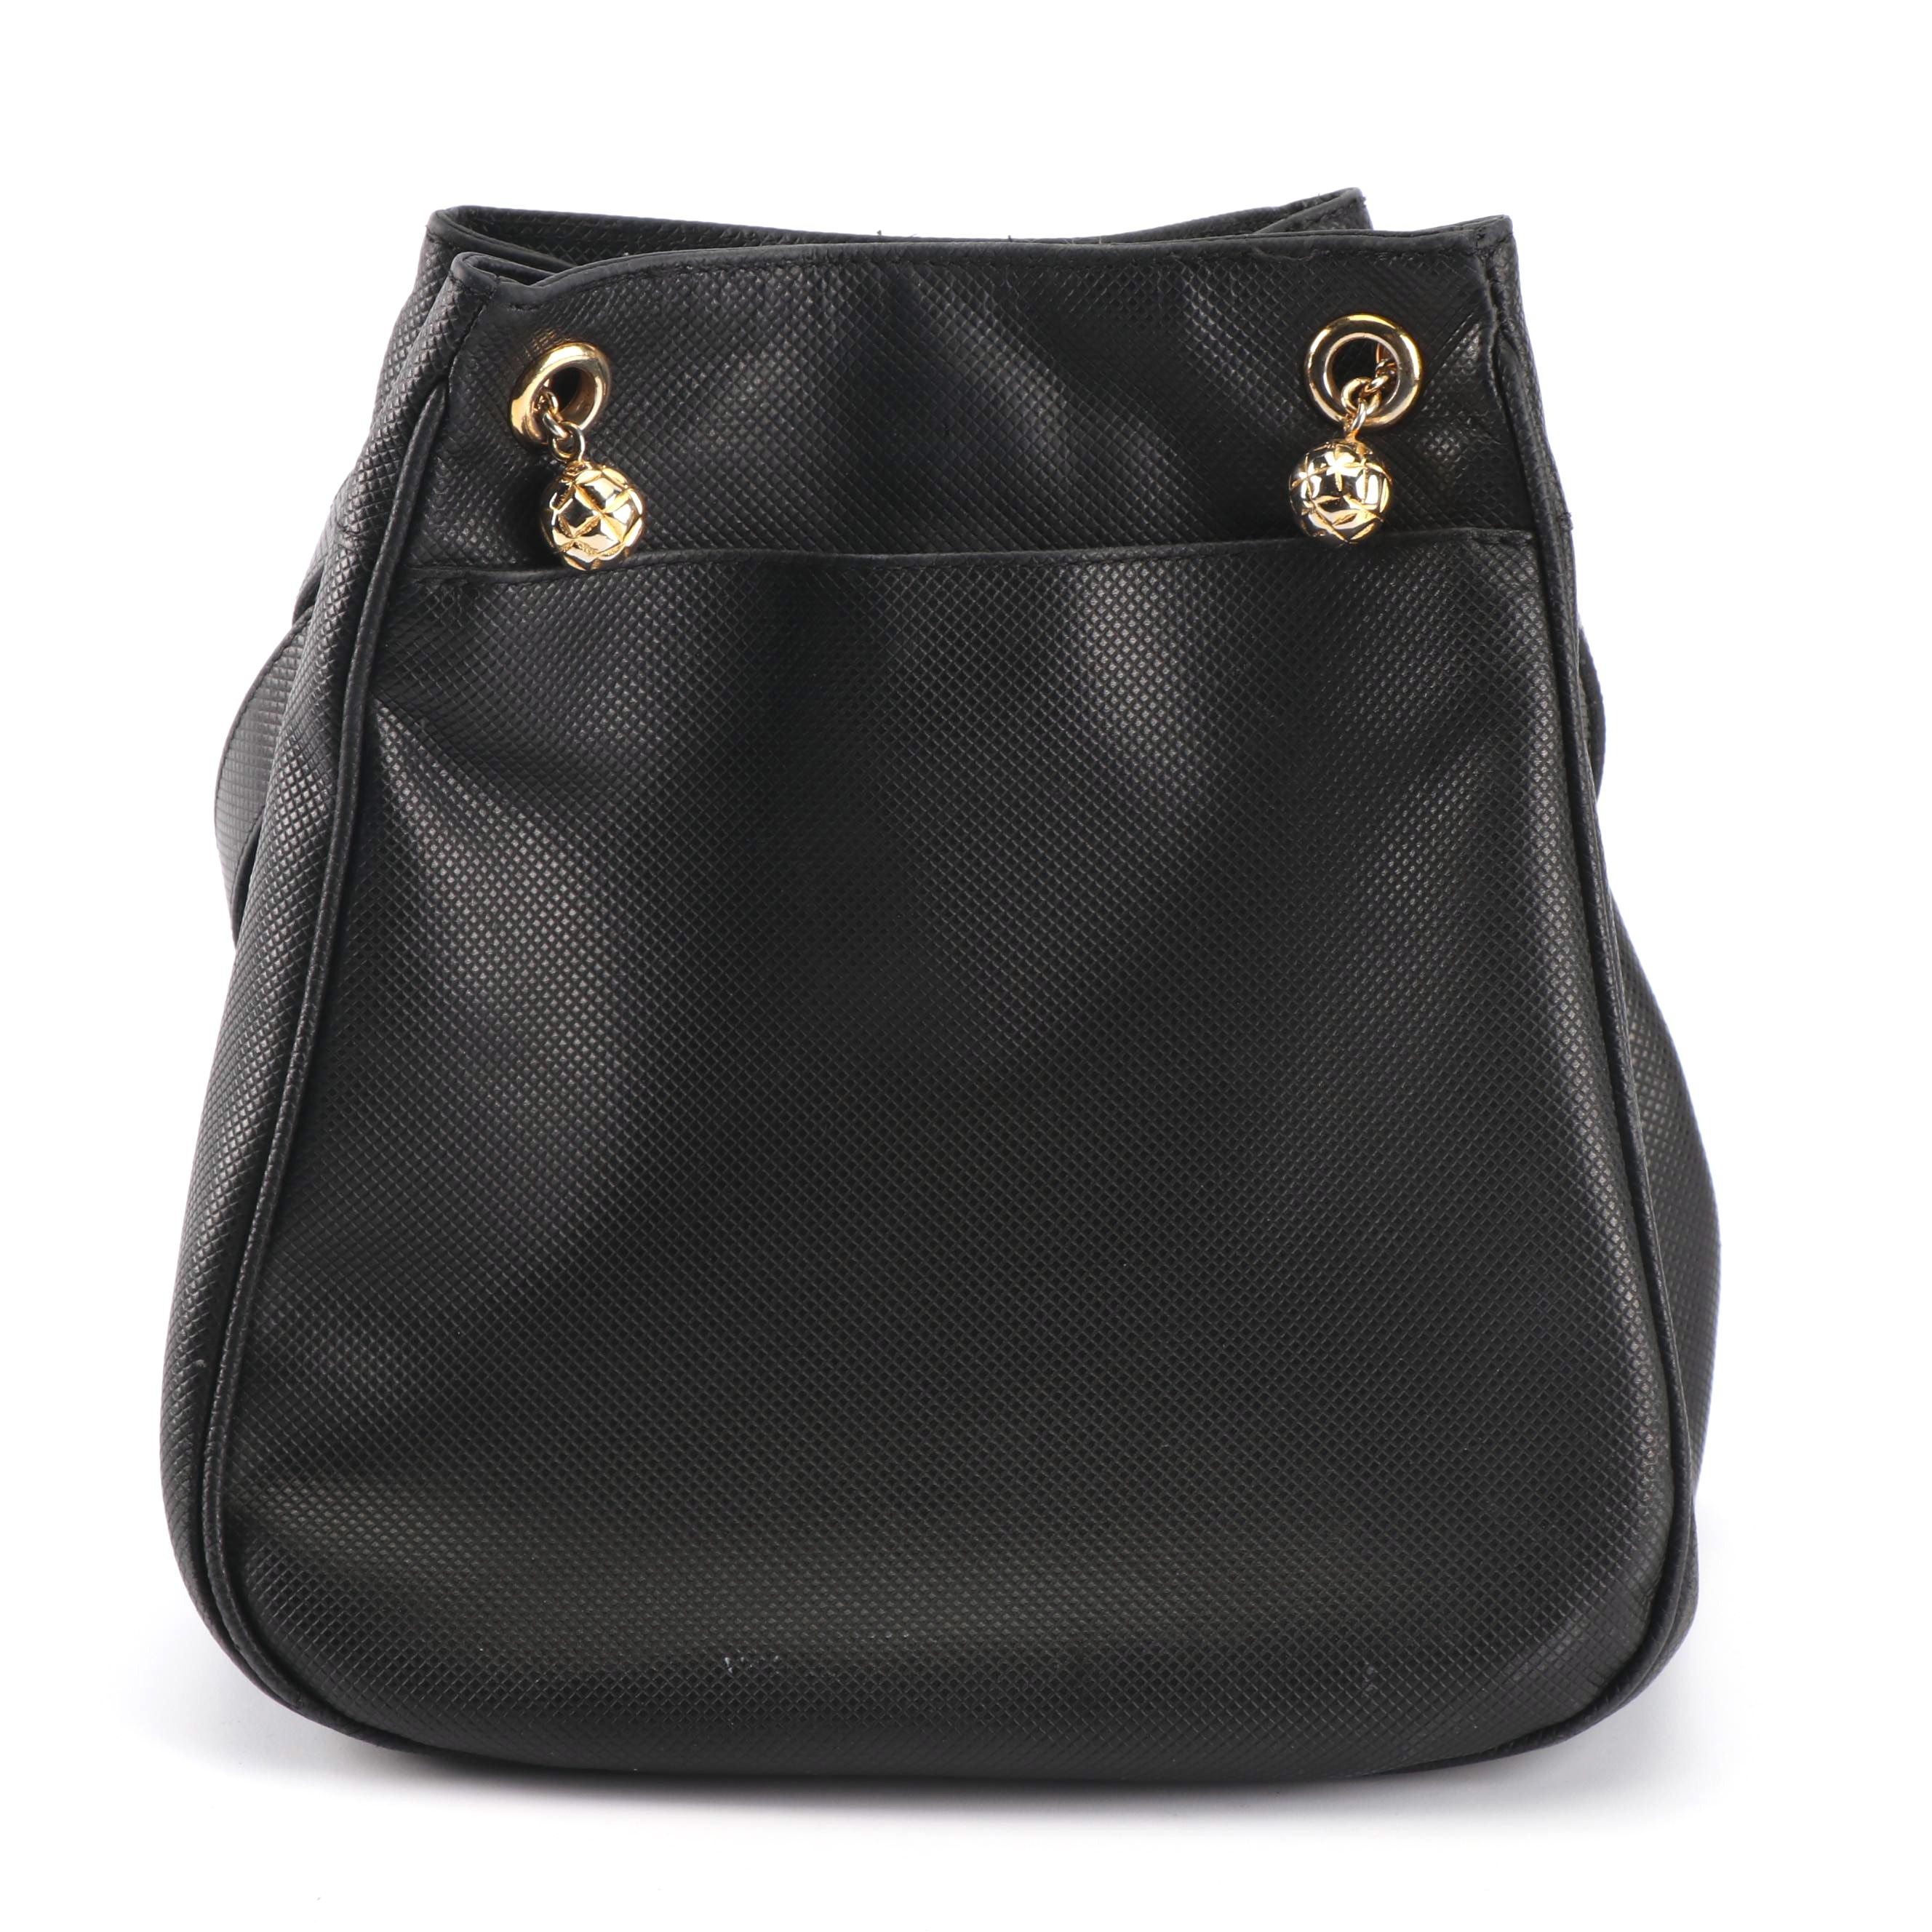 Bottega Veneta Black Embossed Leather Handbag